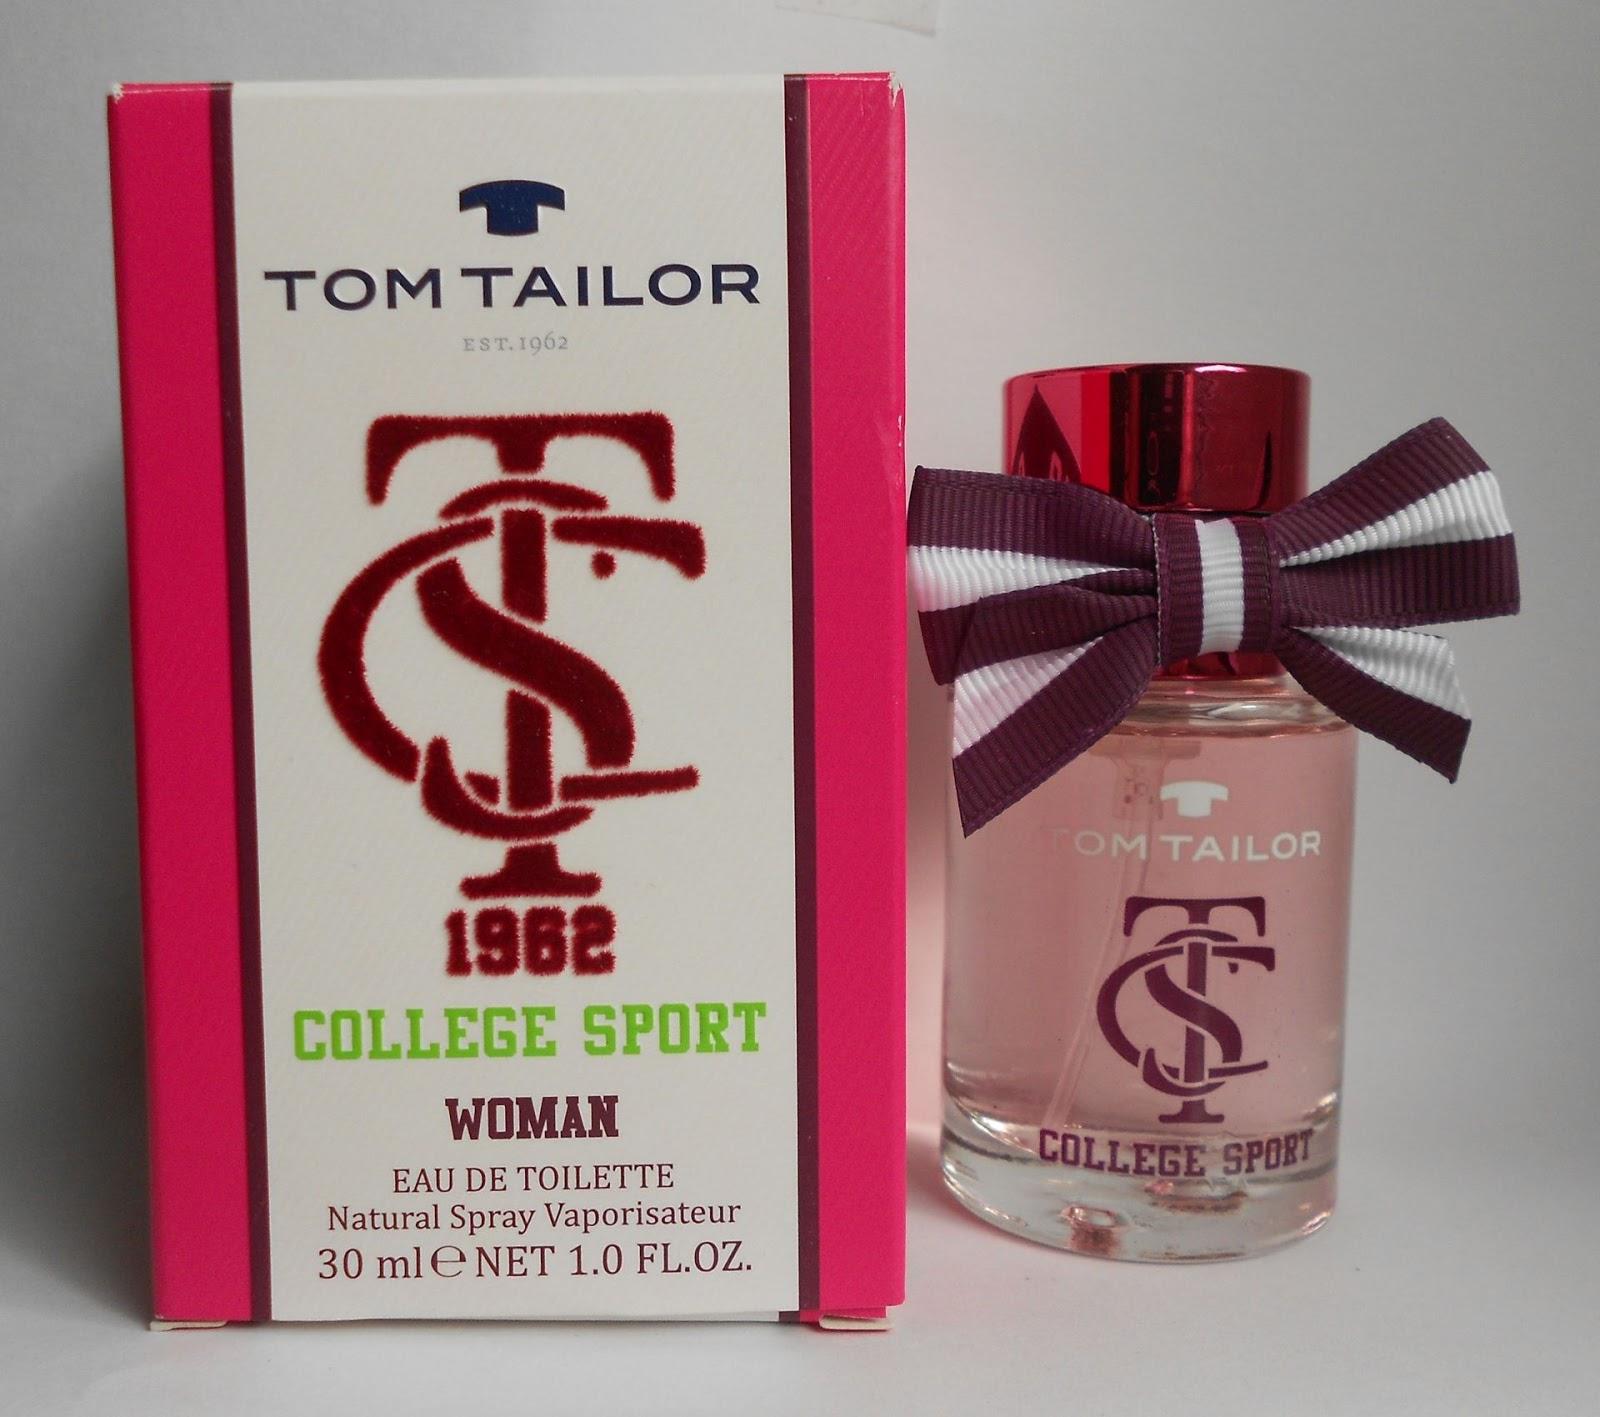 Tom Tailor College Sport Parfum